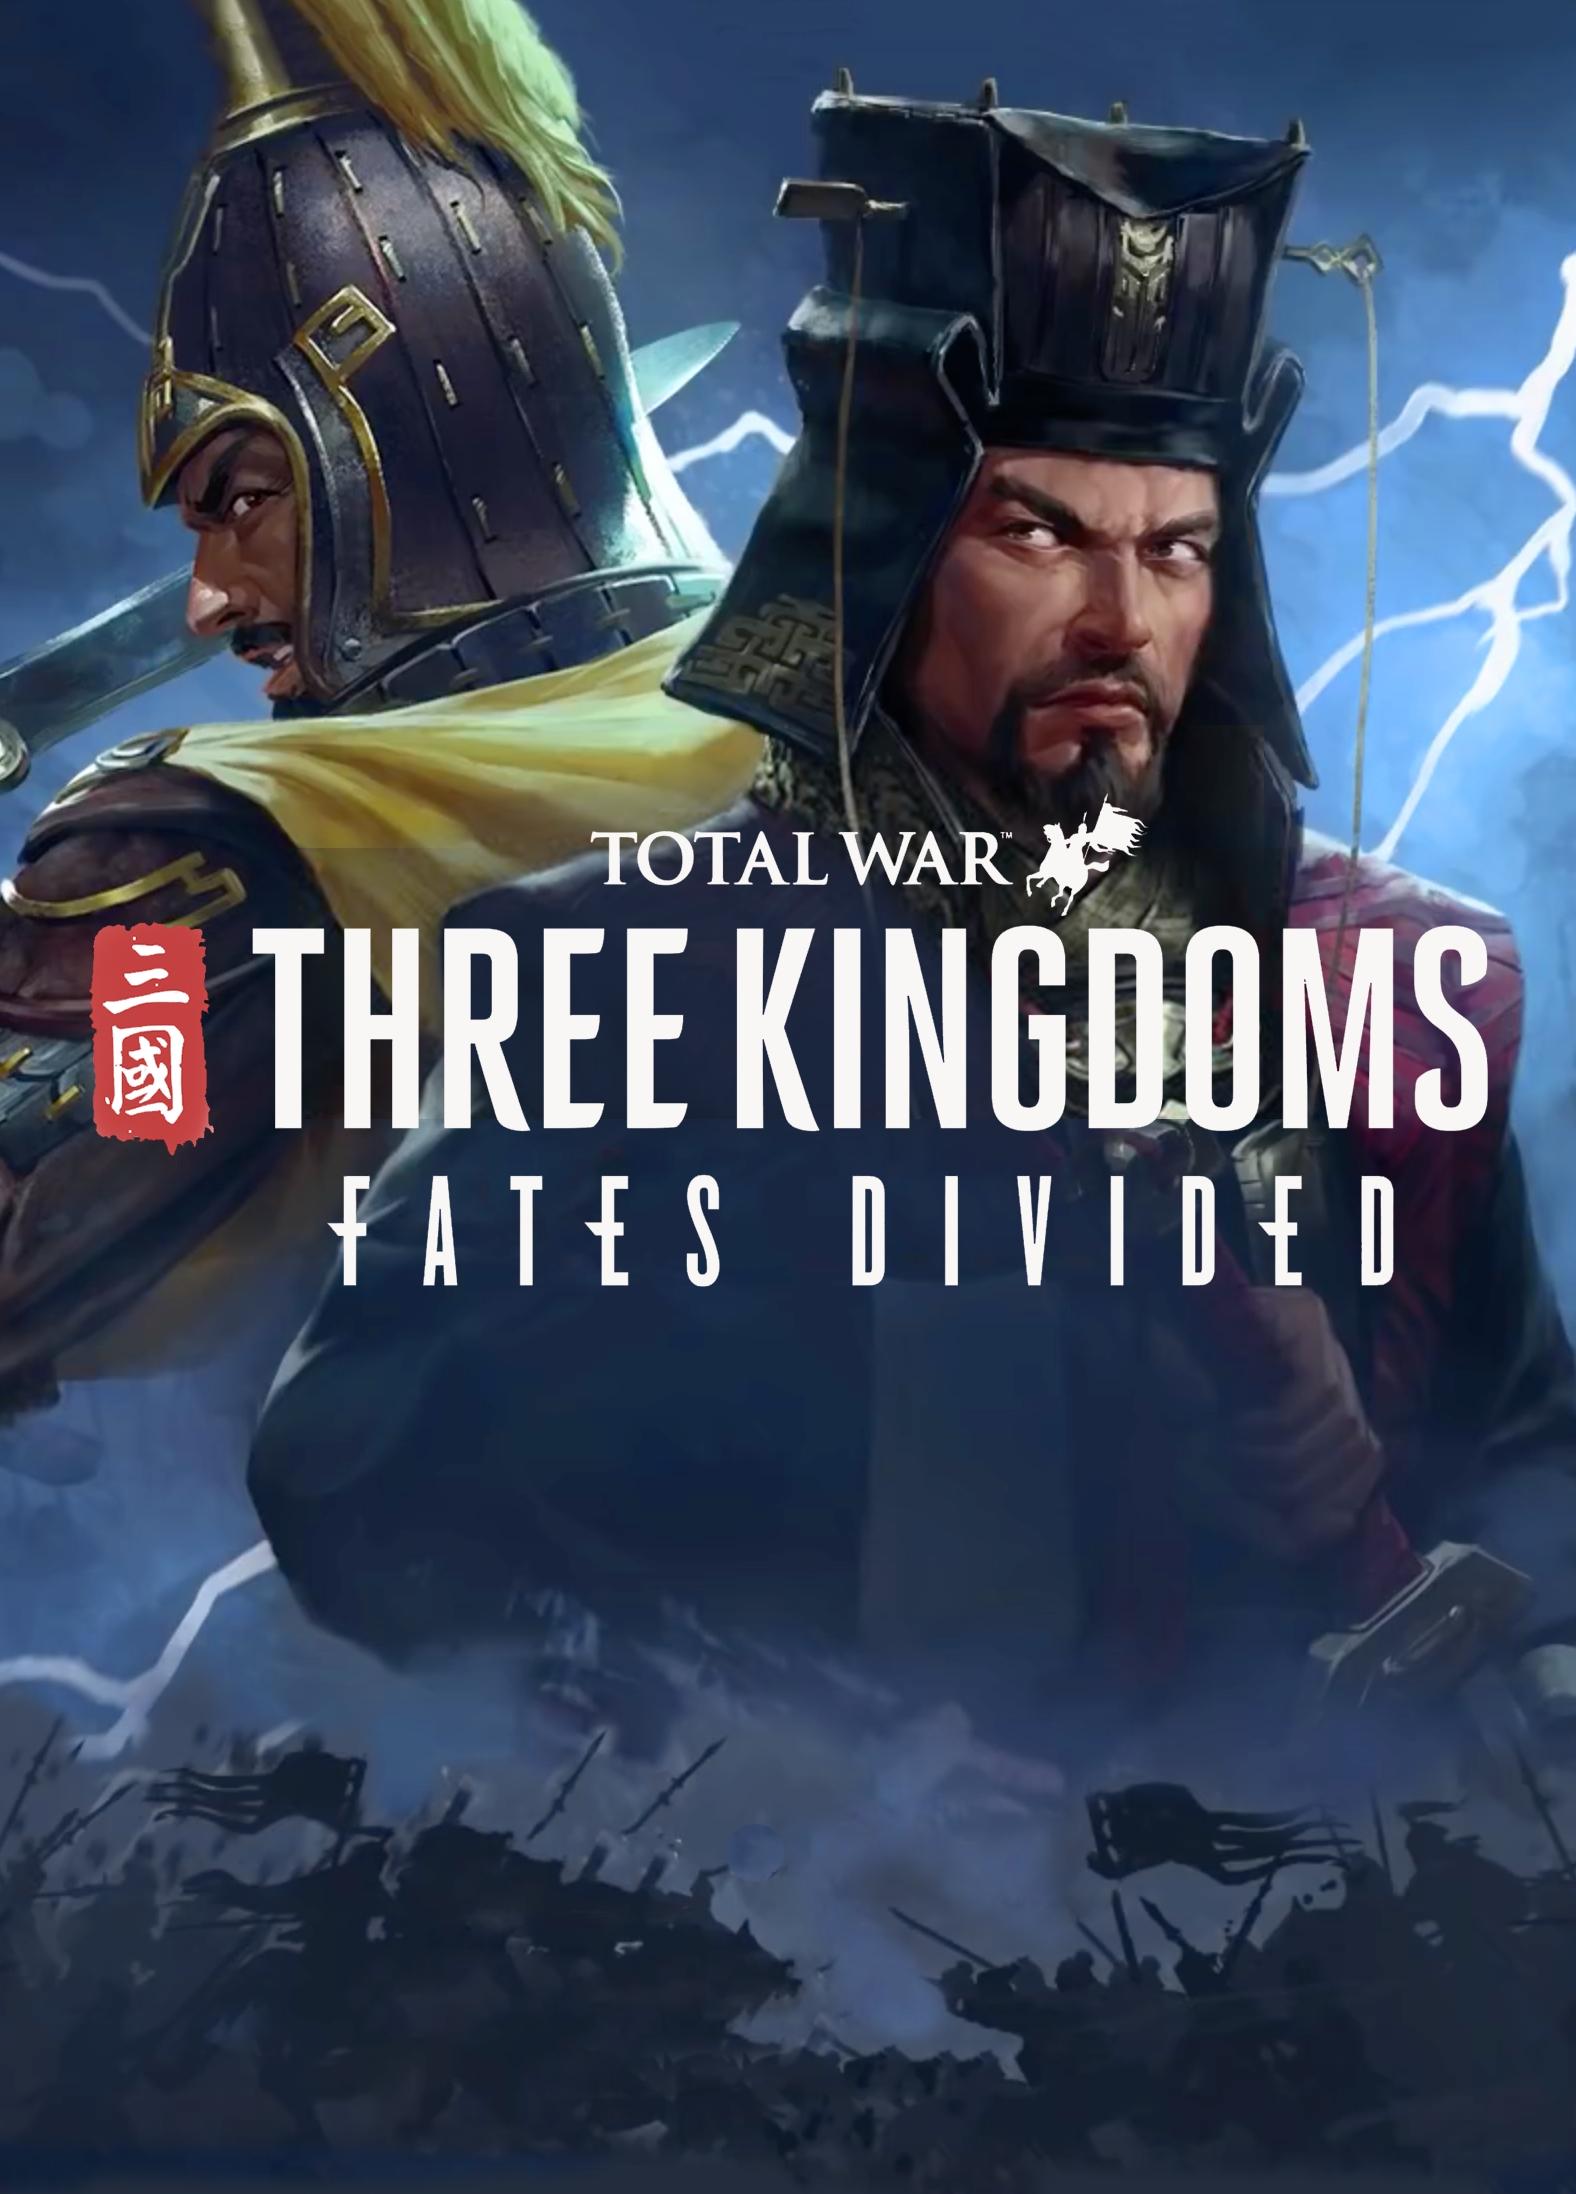 Total War Three Kingdoms - Fates Divided